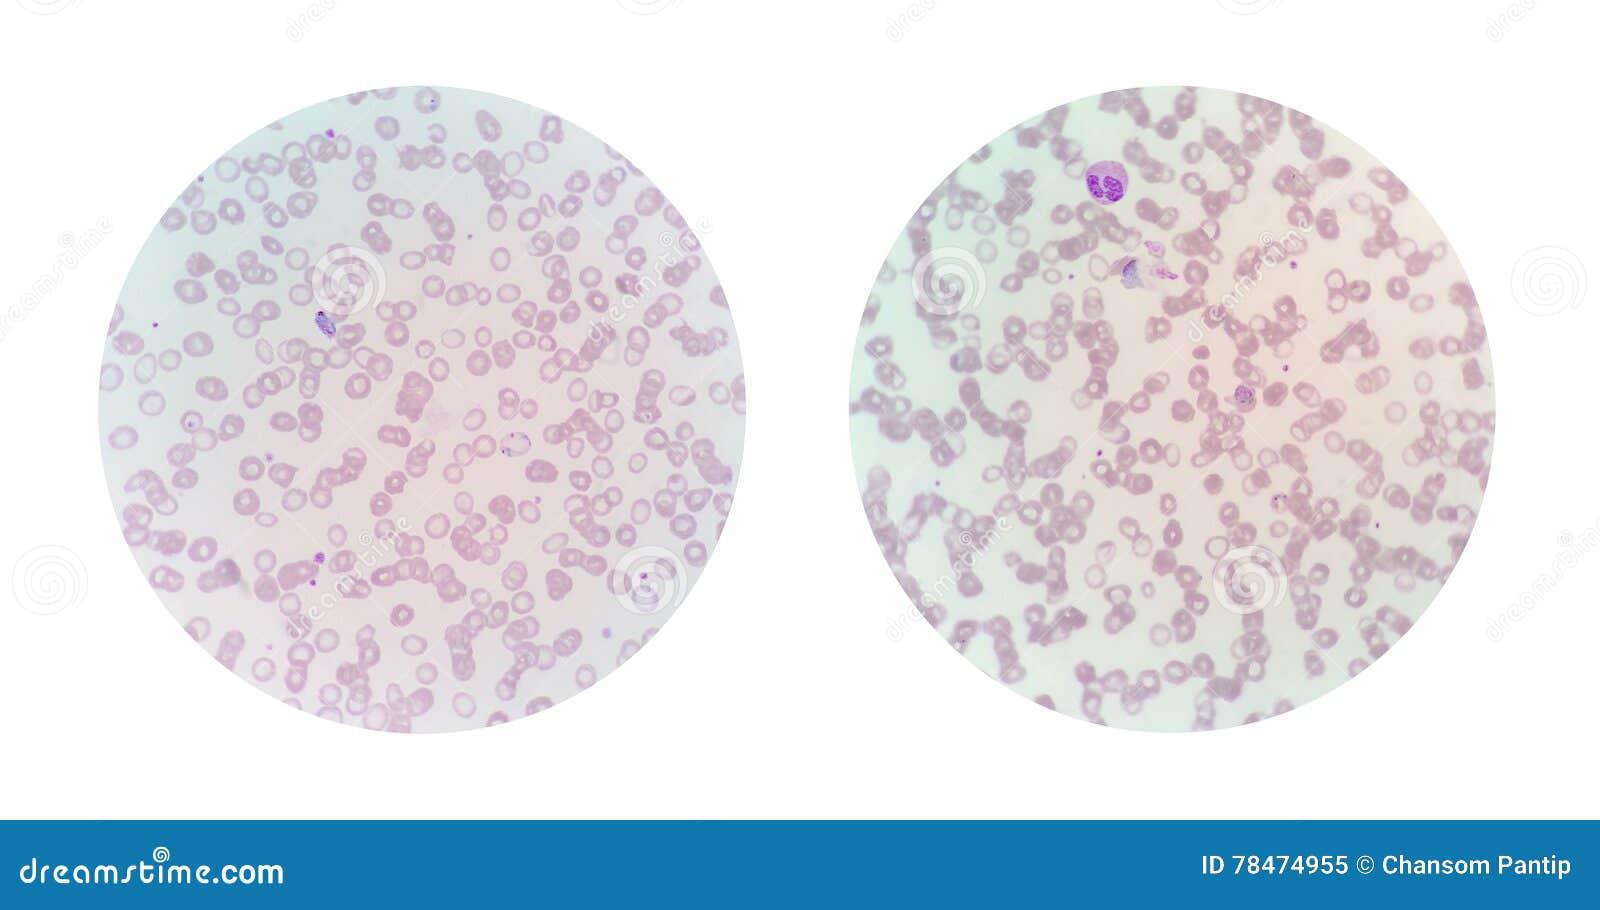 Microscopische meningen van een dunne bloedvlek van malaria besmette pa